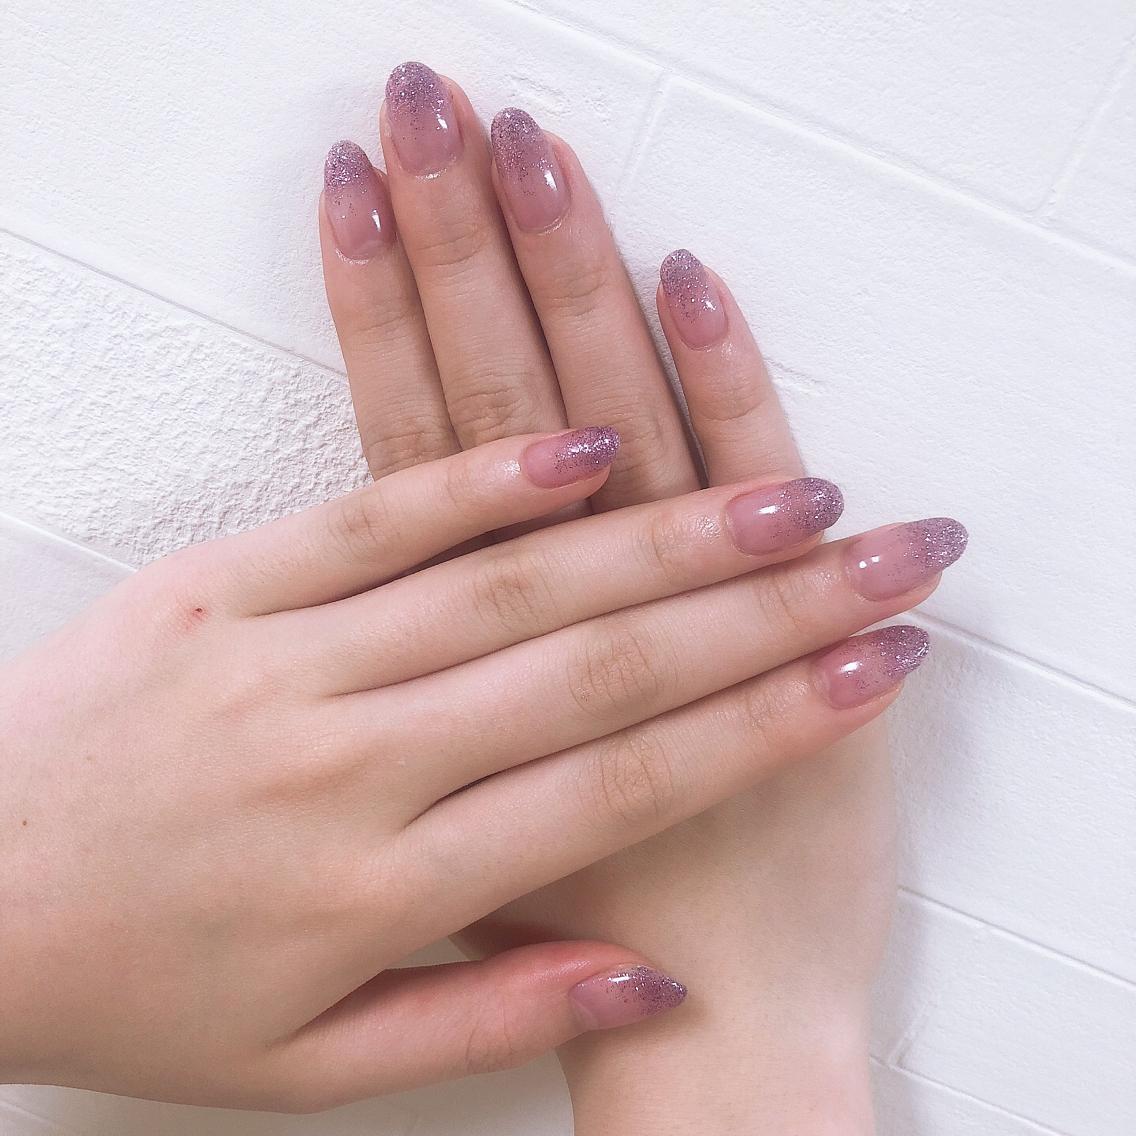 #ネイル 💓ラメグラデーション💓 ピンクのラメがキラキラしてて、お手元が輝きます✨